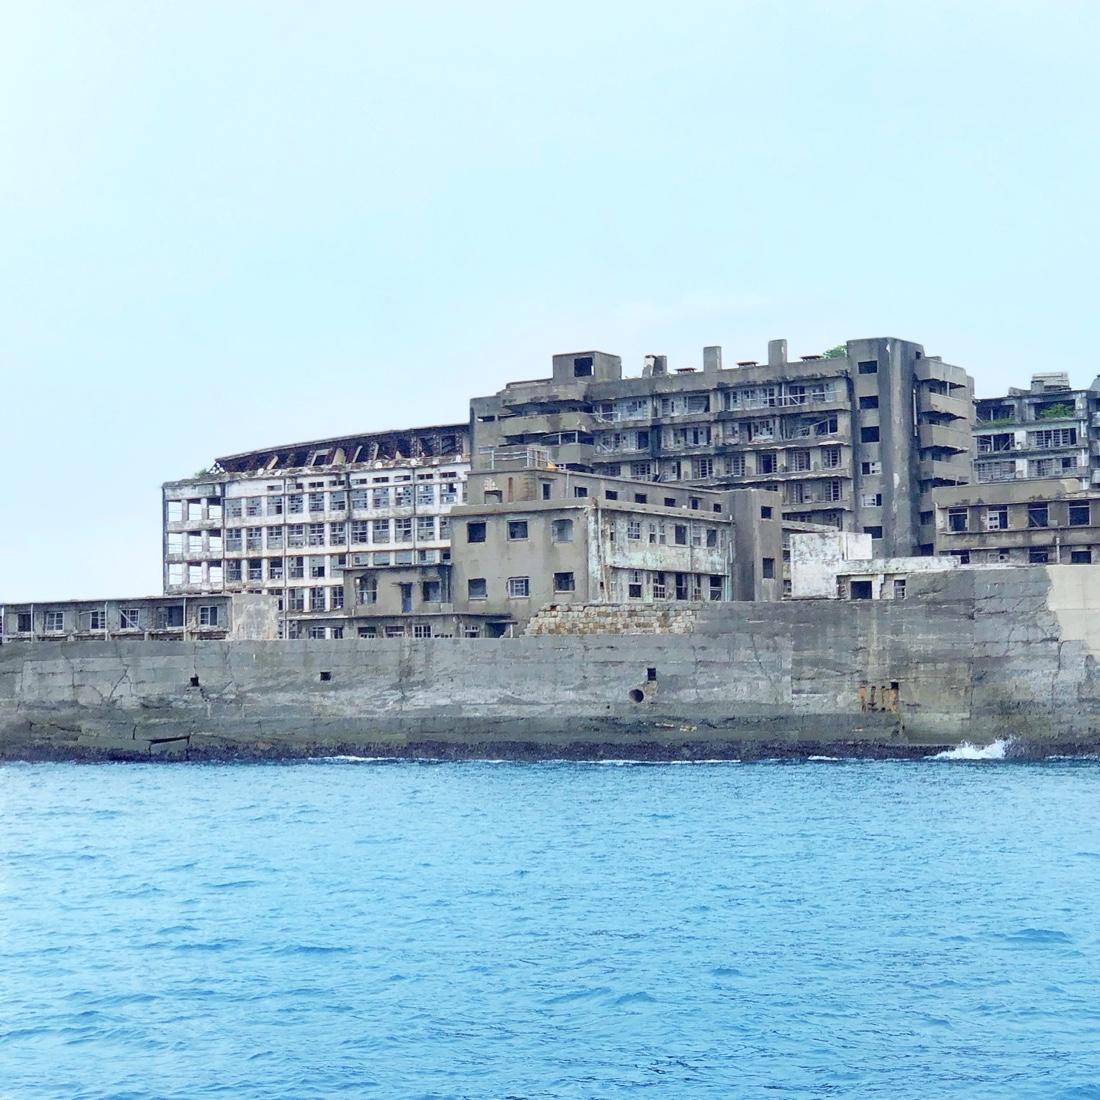 長崎の世界遺産軍艦島の外観